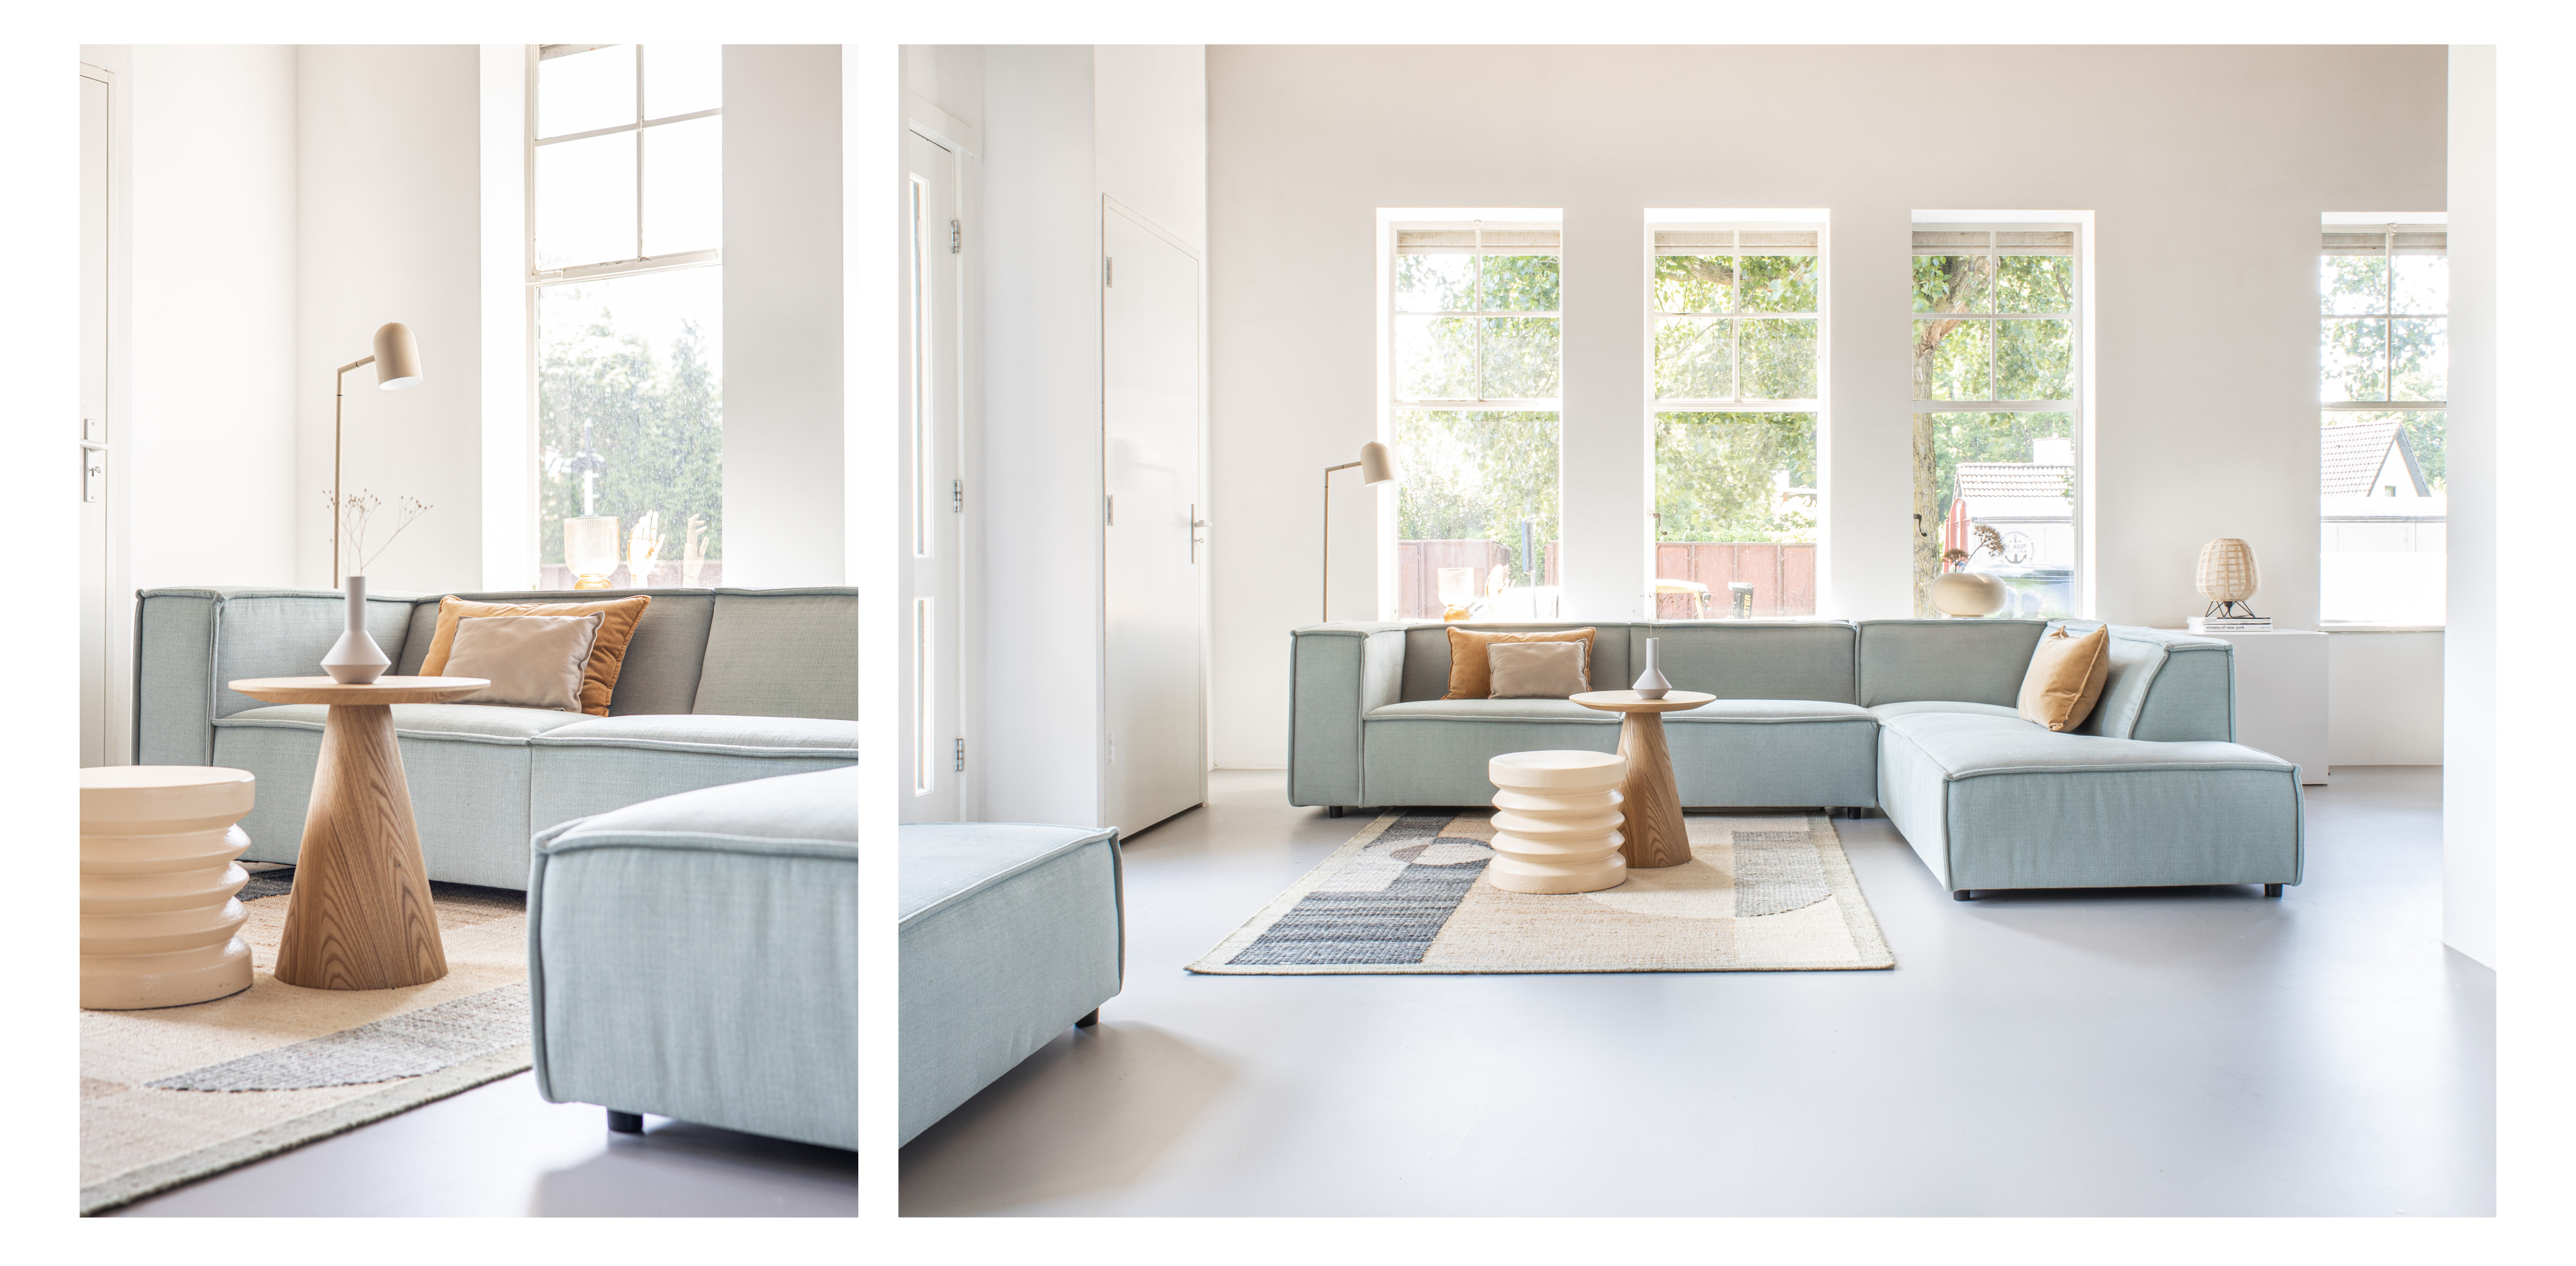 scandihome, scandinavisch design, groene bank, hoekbank, By SIDDE, interieur